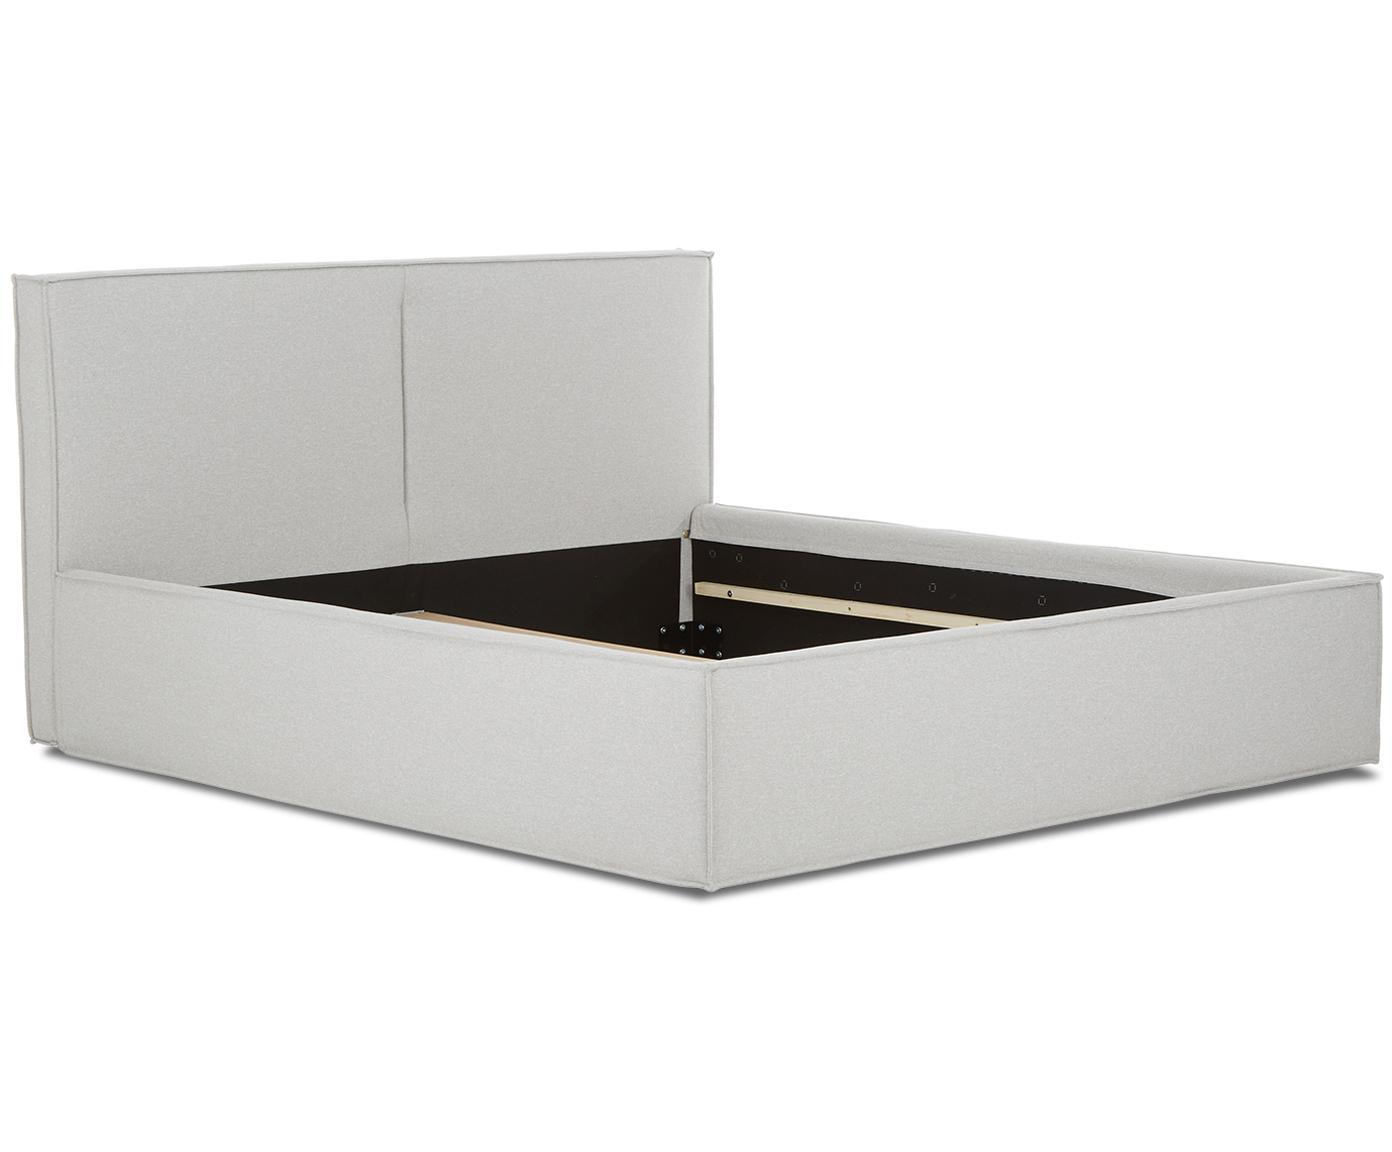 Łóżko tapicerowane Dream, Korpus: lite drewno sosnowe, Tapicerka: poliester (materiał tekst, Jasny szary, 180 x 200 cm